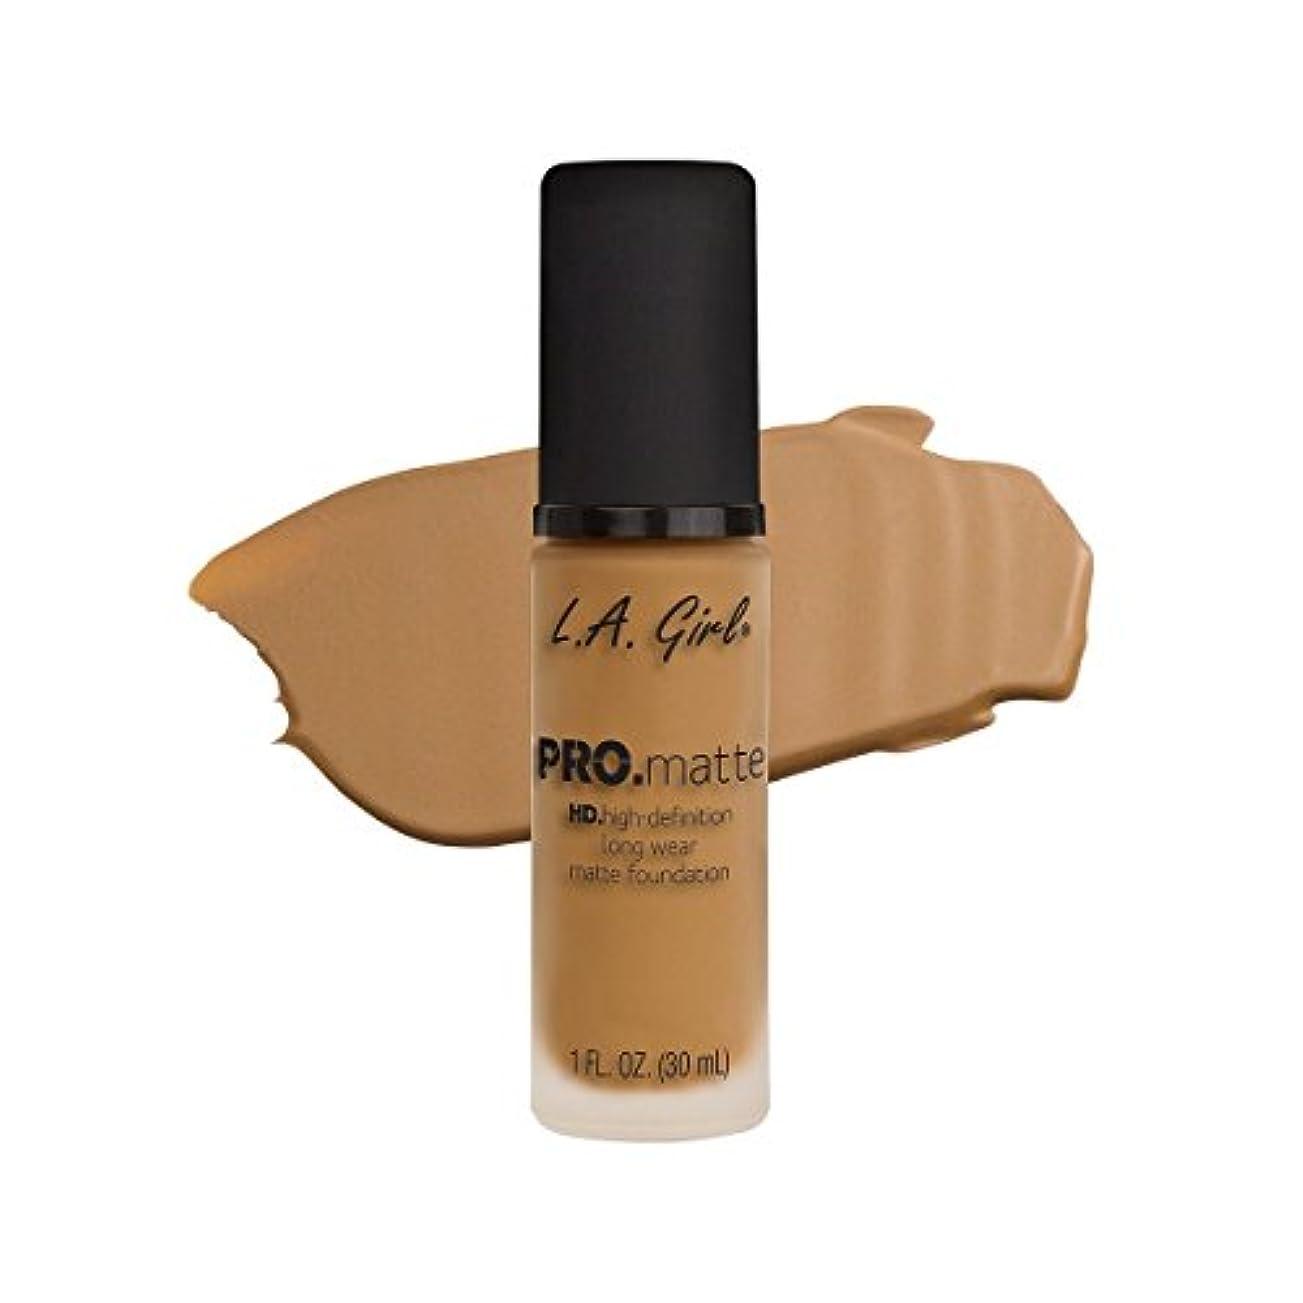 ごちそう歪めるカテナ(6 Pack) L.A. GIRL Pro Matte Foundation - Sand (並行輸入品)